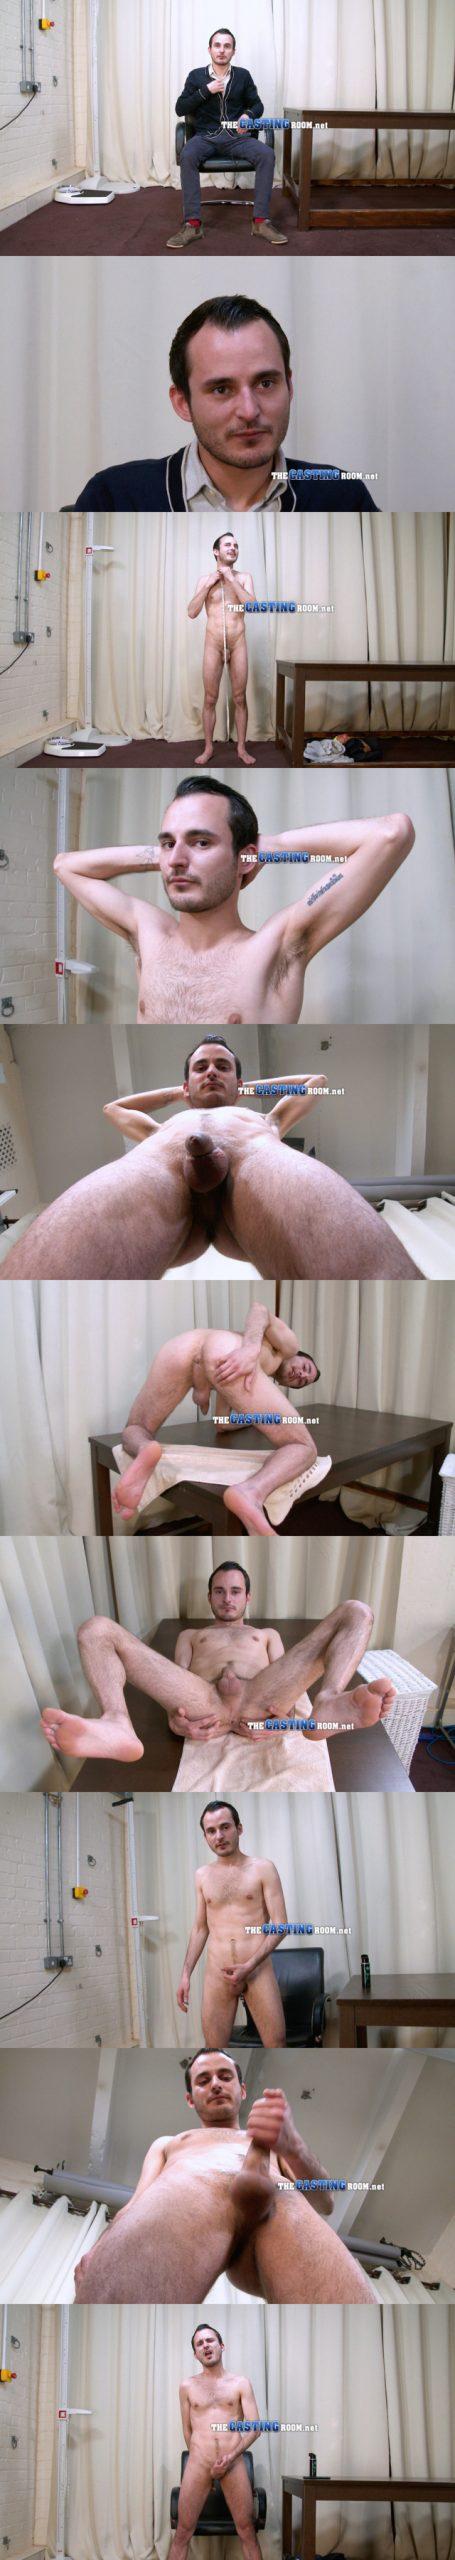 straight guy brett naked audition the casting room